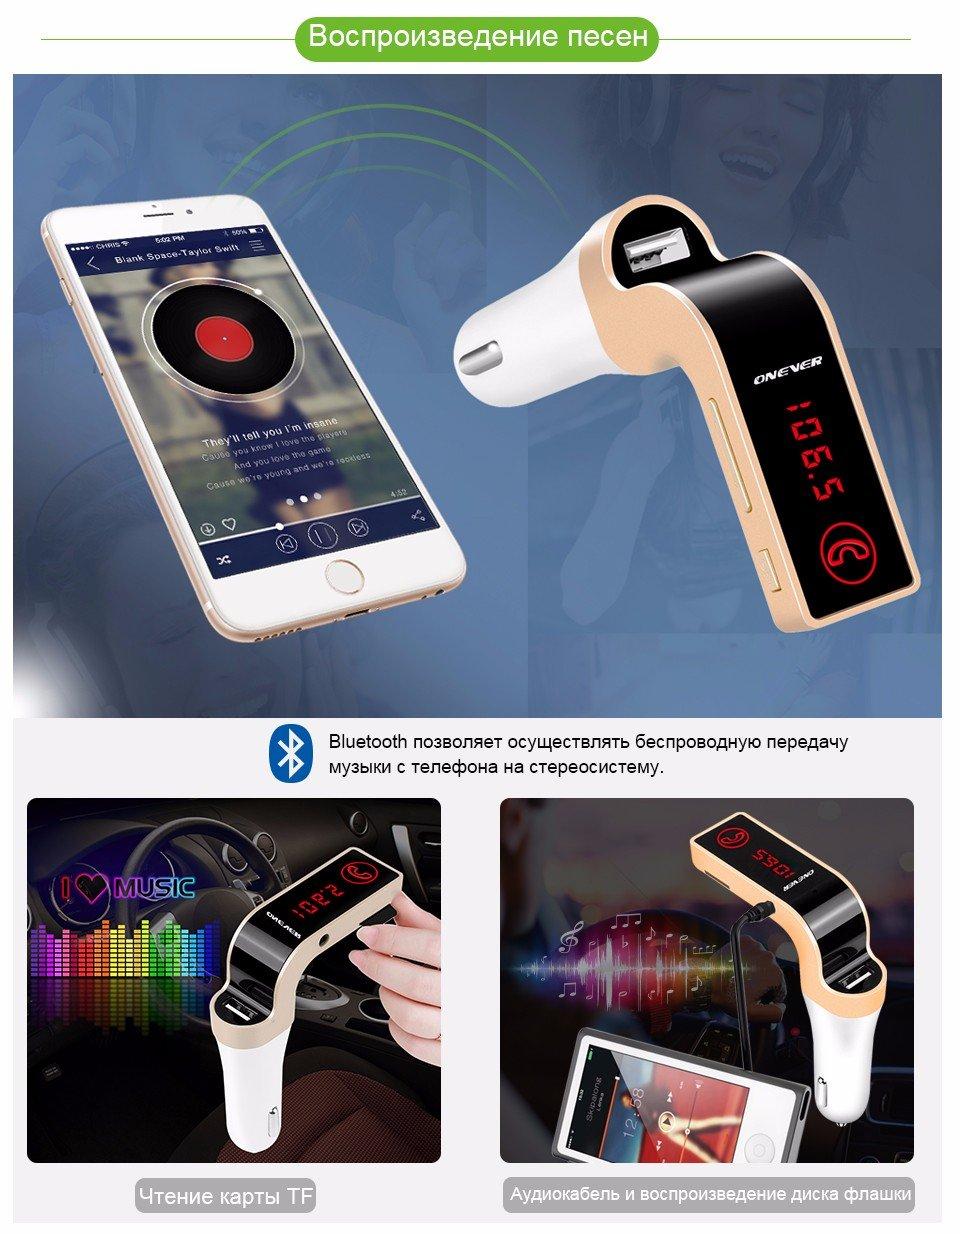 FM трансмиттрер 4 в 1. Hands Free Беспроводной Bluetooth fm-передатчик - отзывы